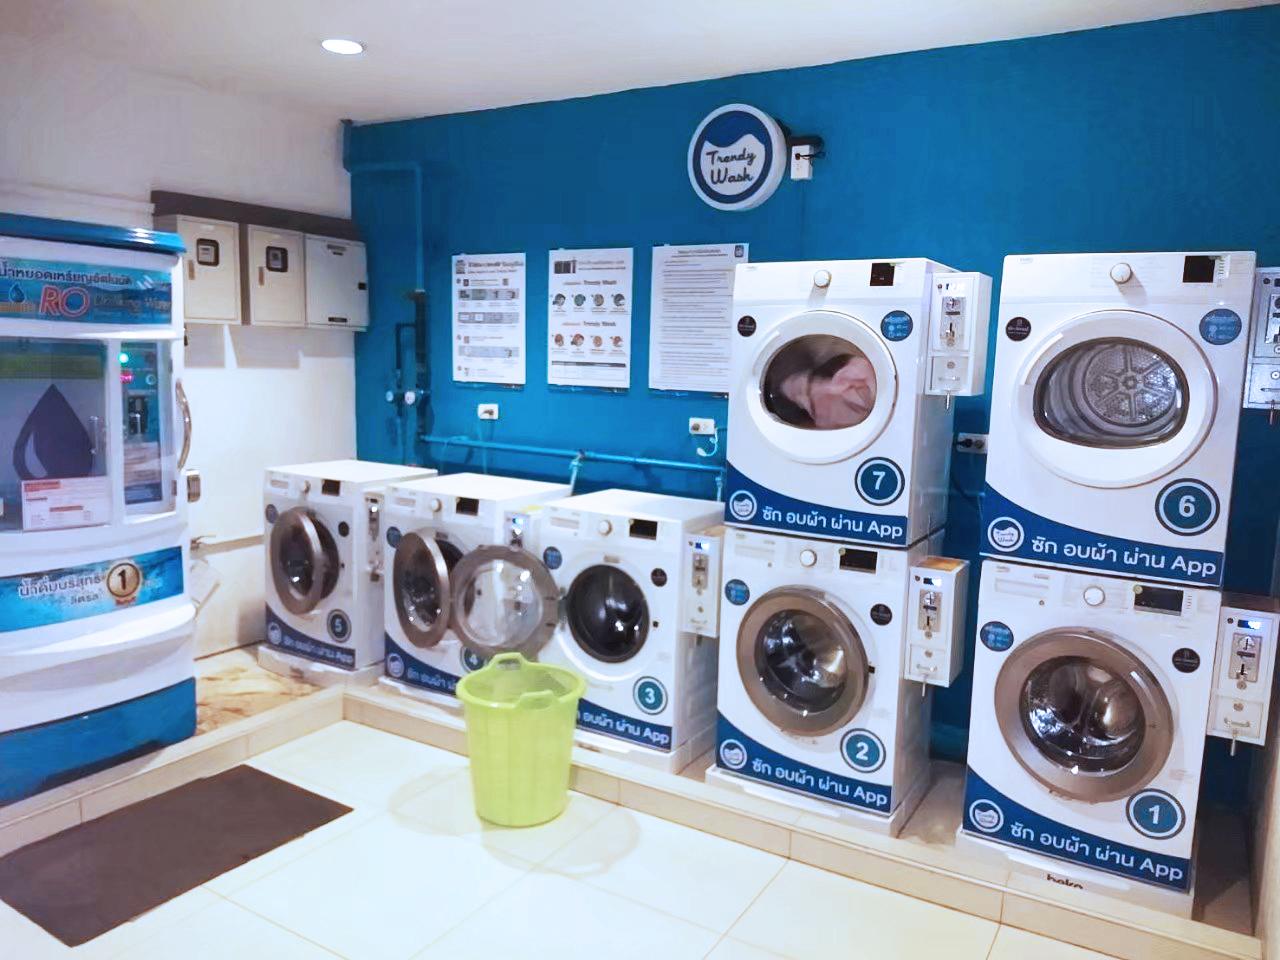 แฟรนไชส์ร้านสะดวกซัก Trendy Wash ซัก อบ ผ่าน app ตอบโจทย์คนรุ่นใหม่